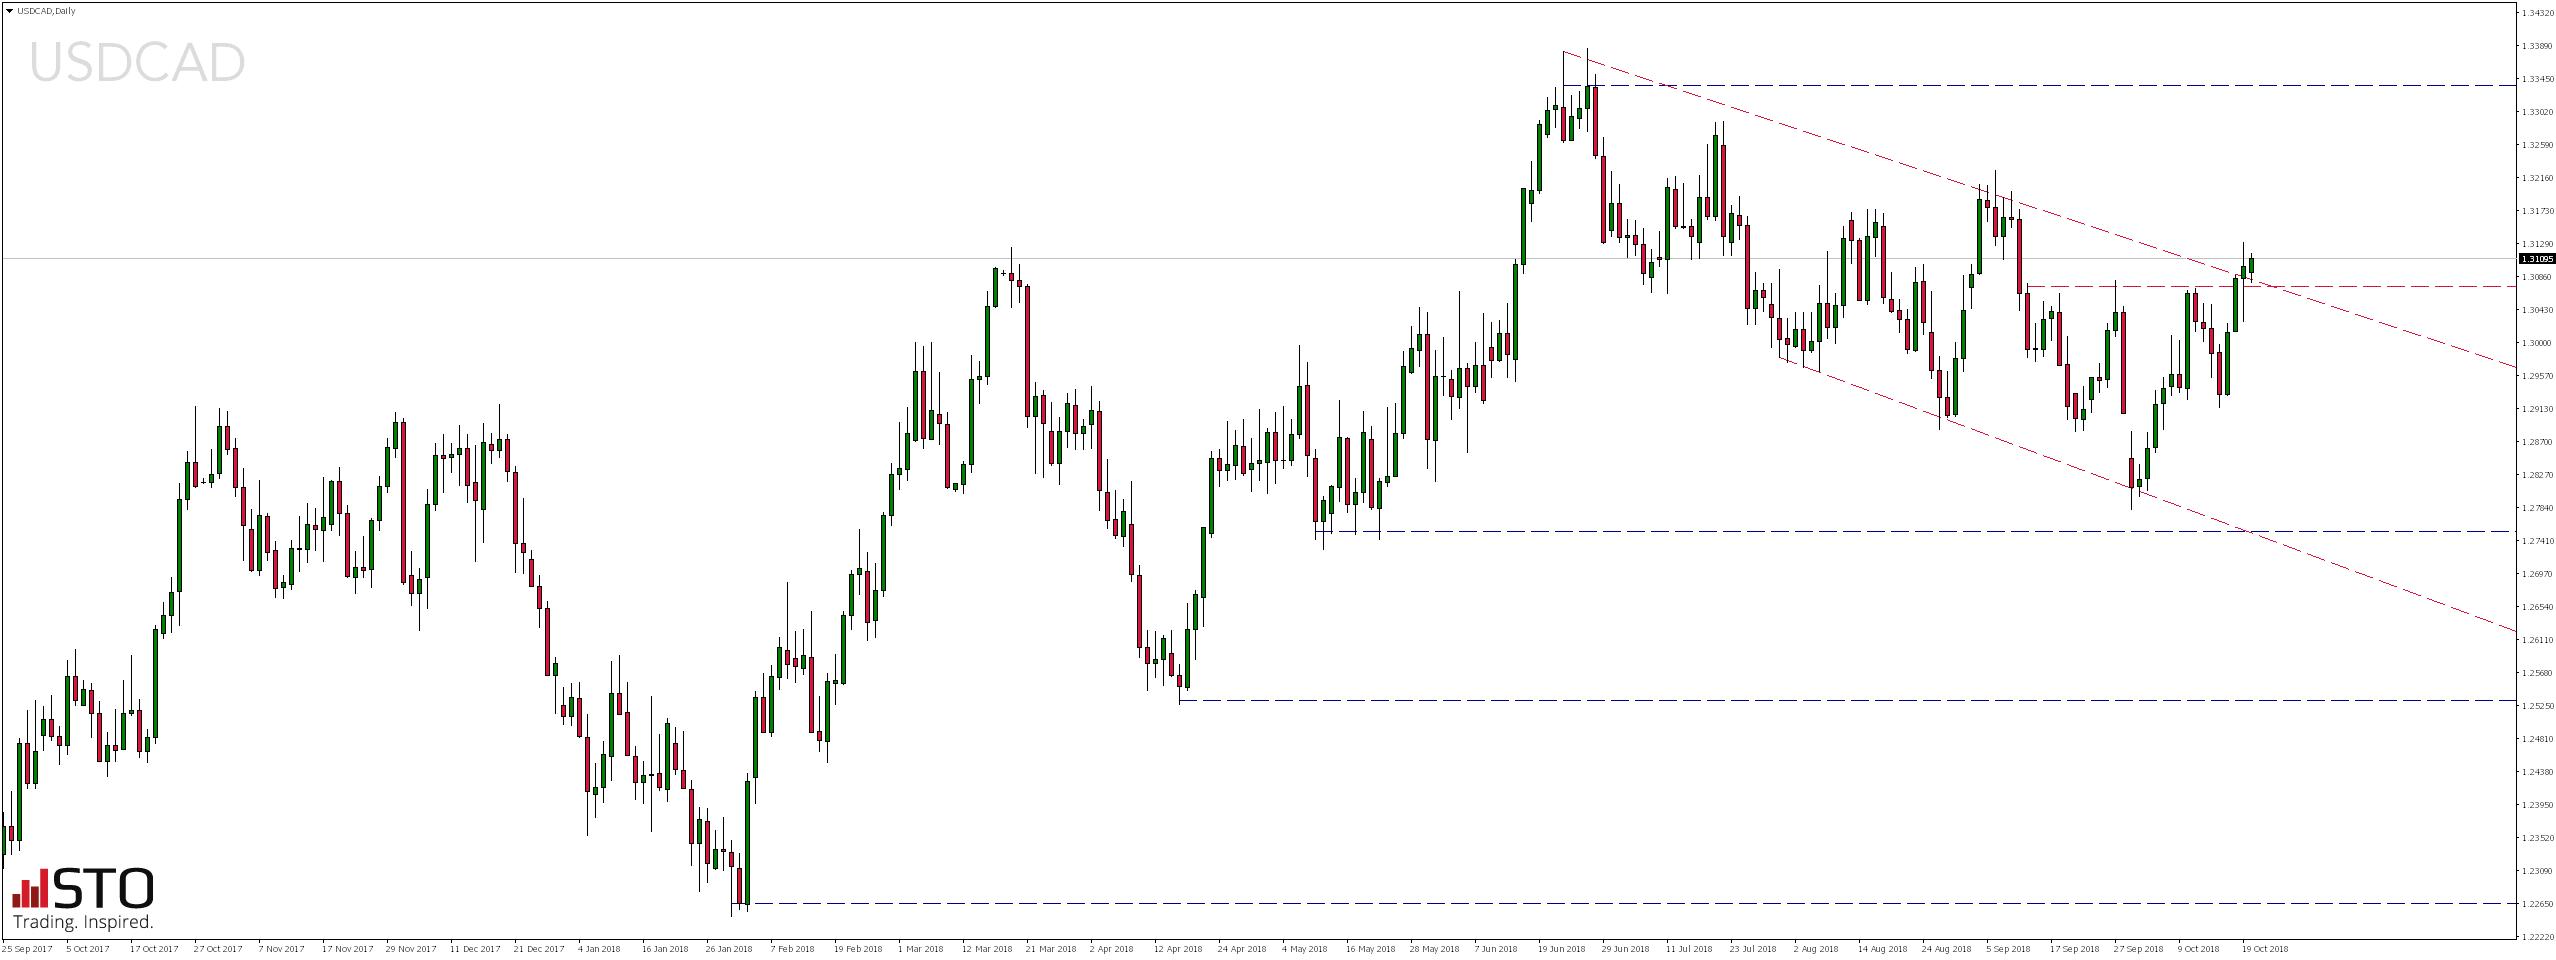 Poniedziałkowy przegląd rynków - notowania pary walutowej USDCAD